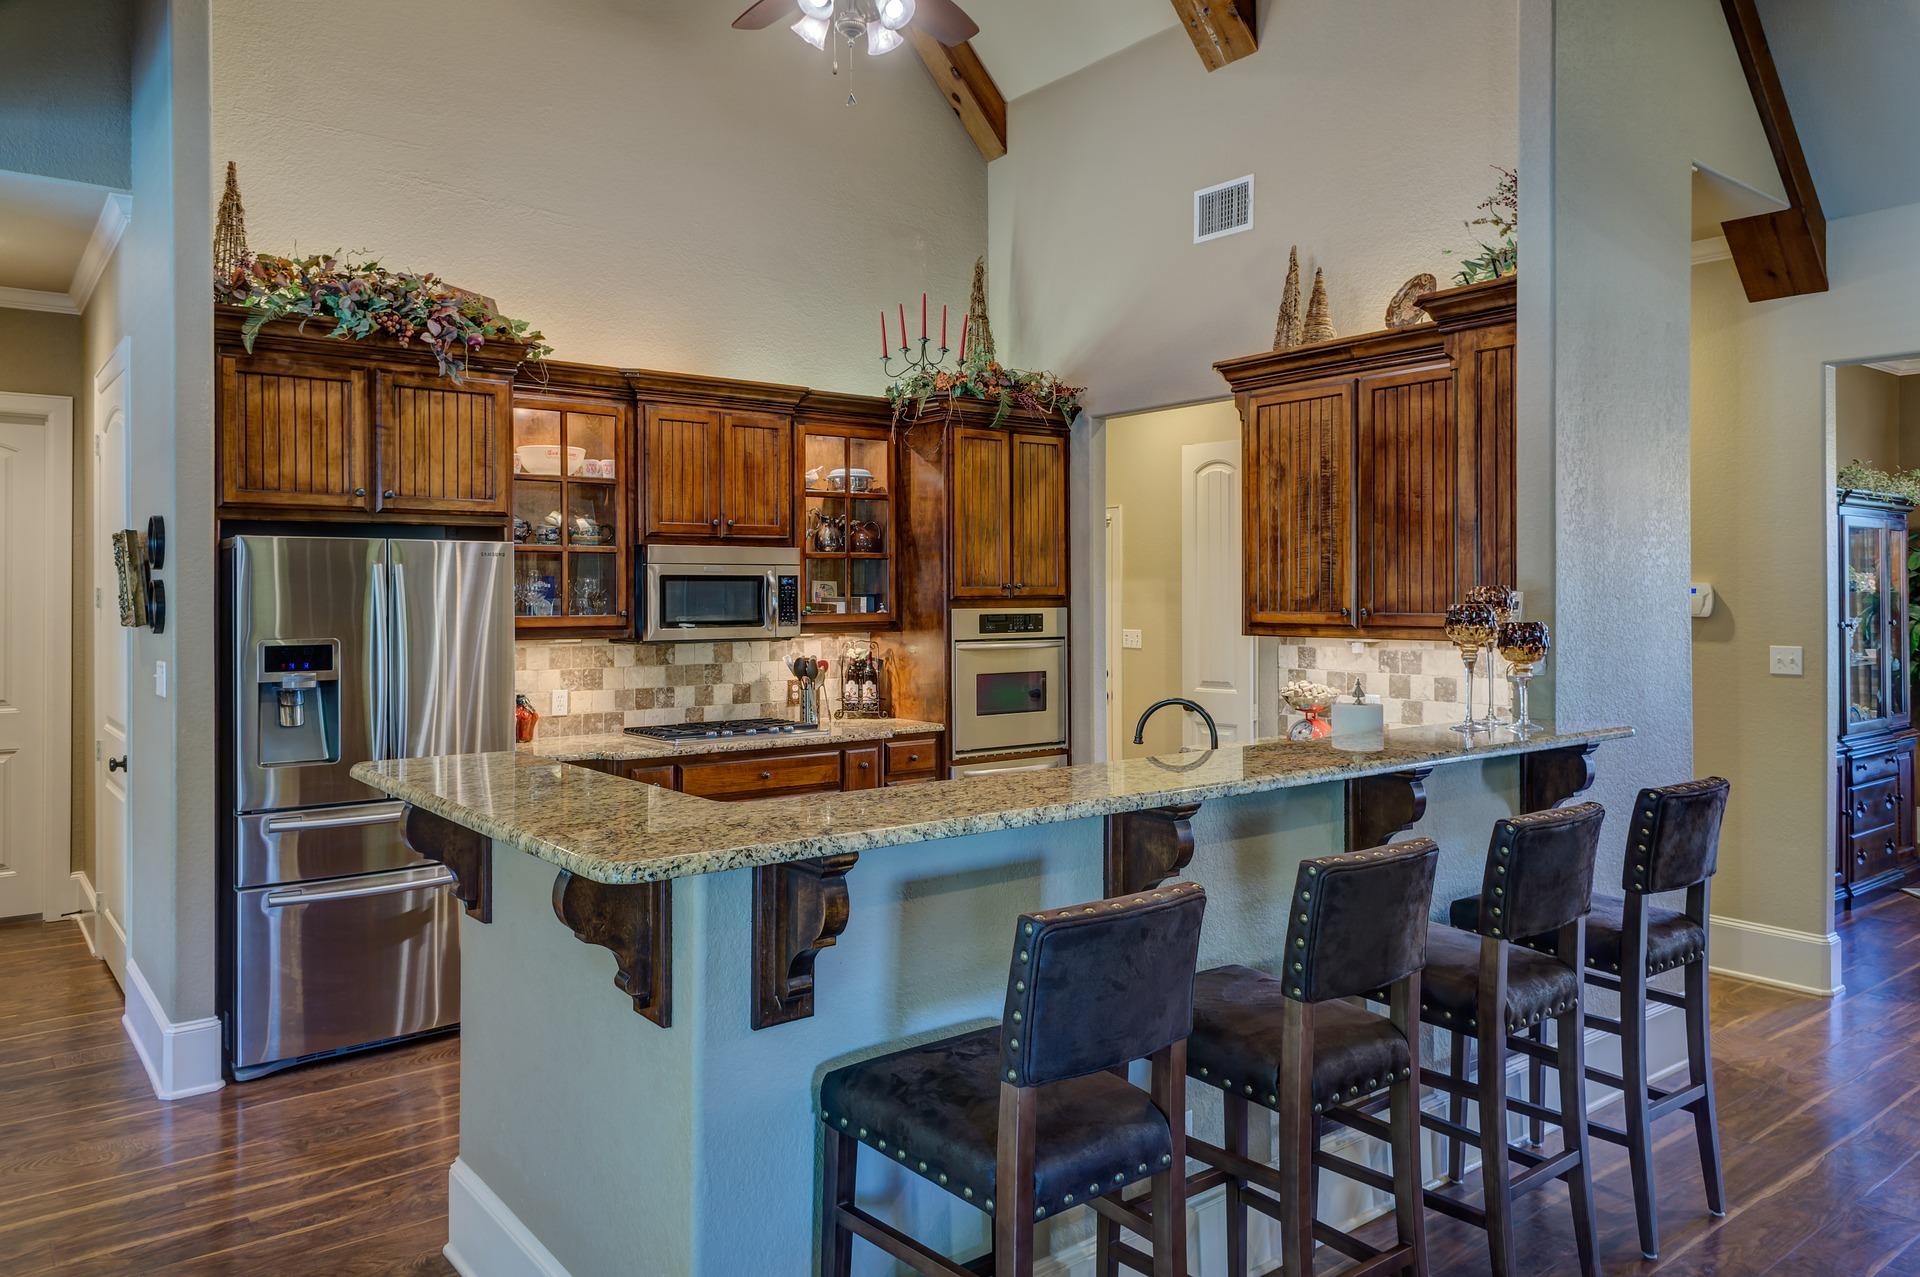 kitchen-interior-2046665_1920